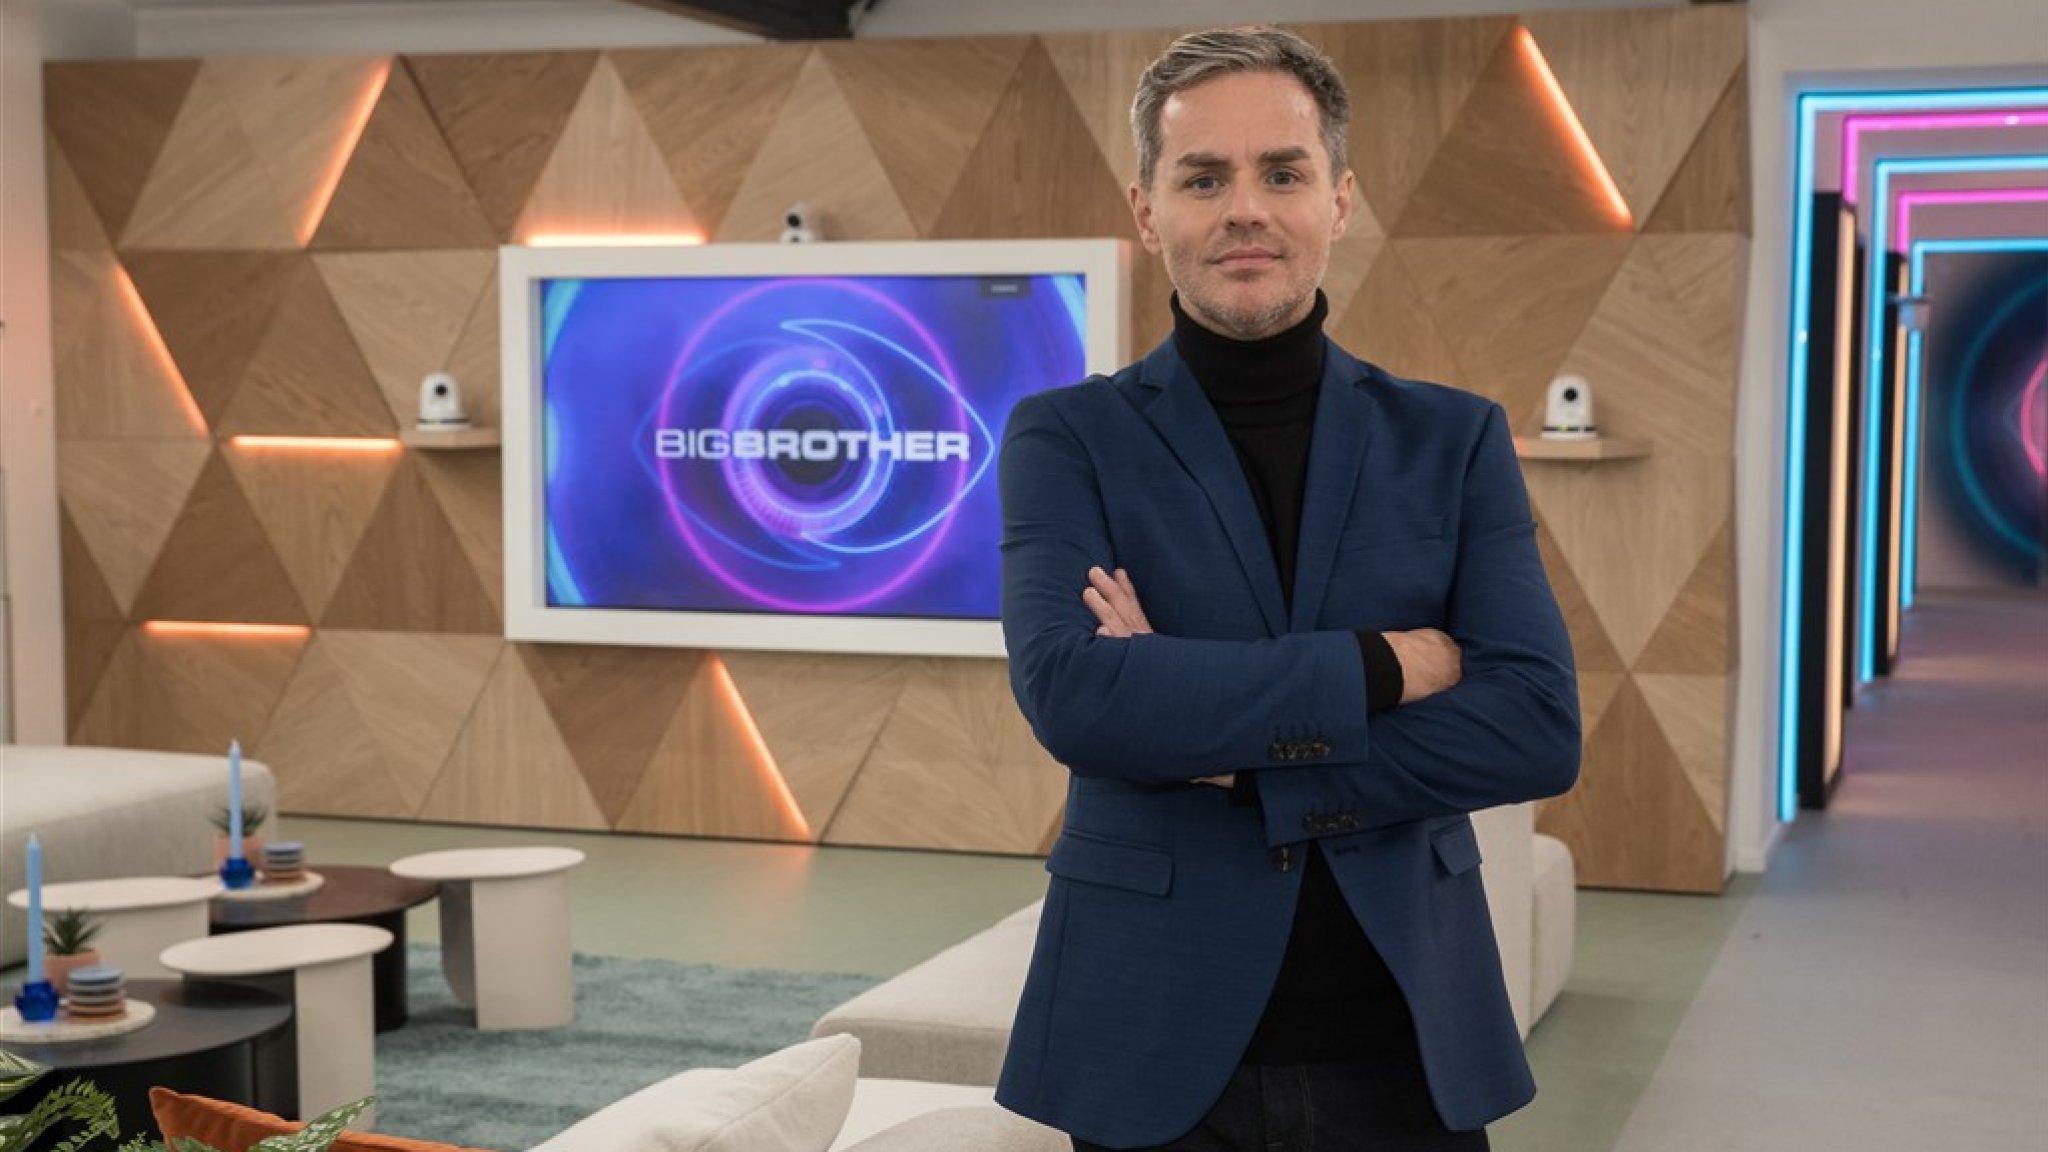 BB-presentator Peter onthult geheim in programma: 'Mag ik dit zeggen?' - RTL Nieuws